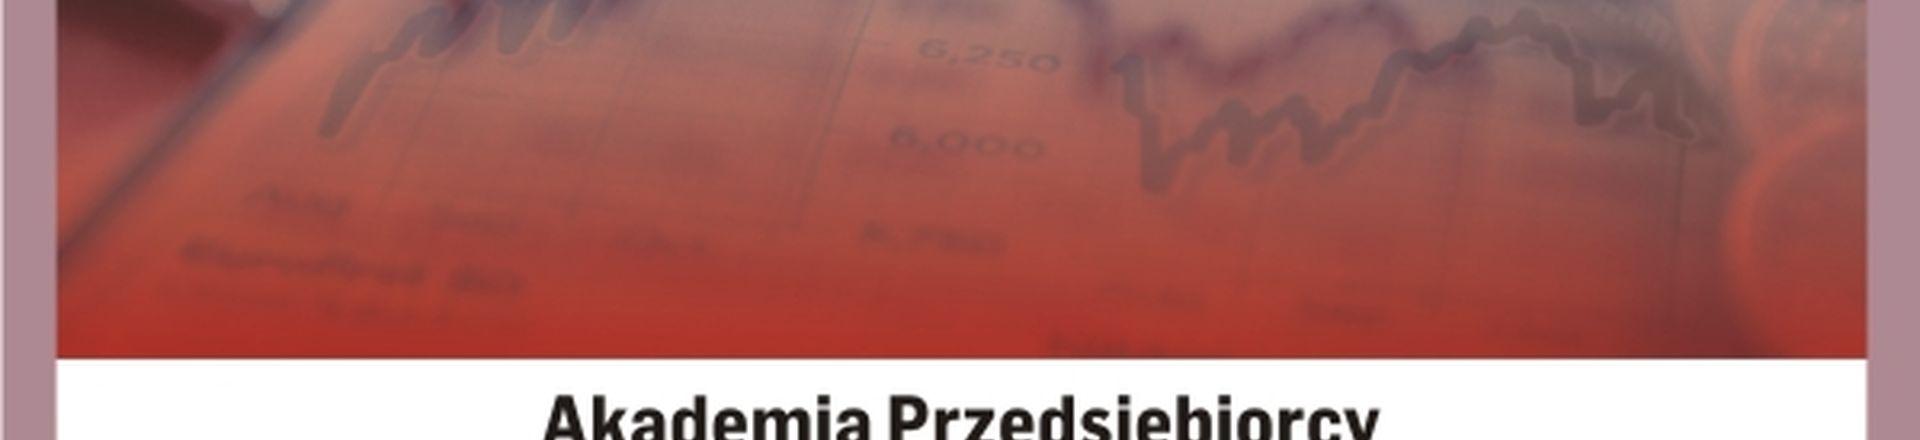 Cykl Akademia Przedsiębiorcy: Kapitał i bezpieczeństwo Twojej firmy - Białystok